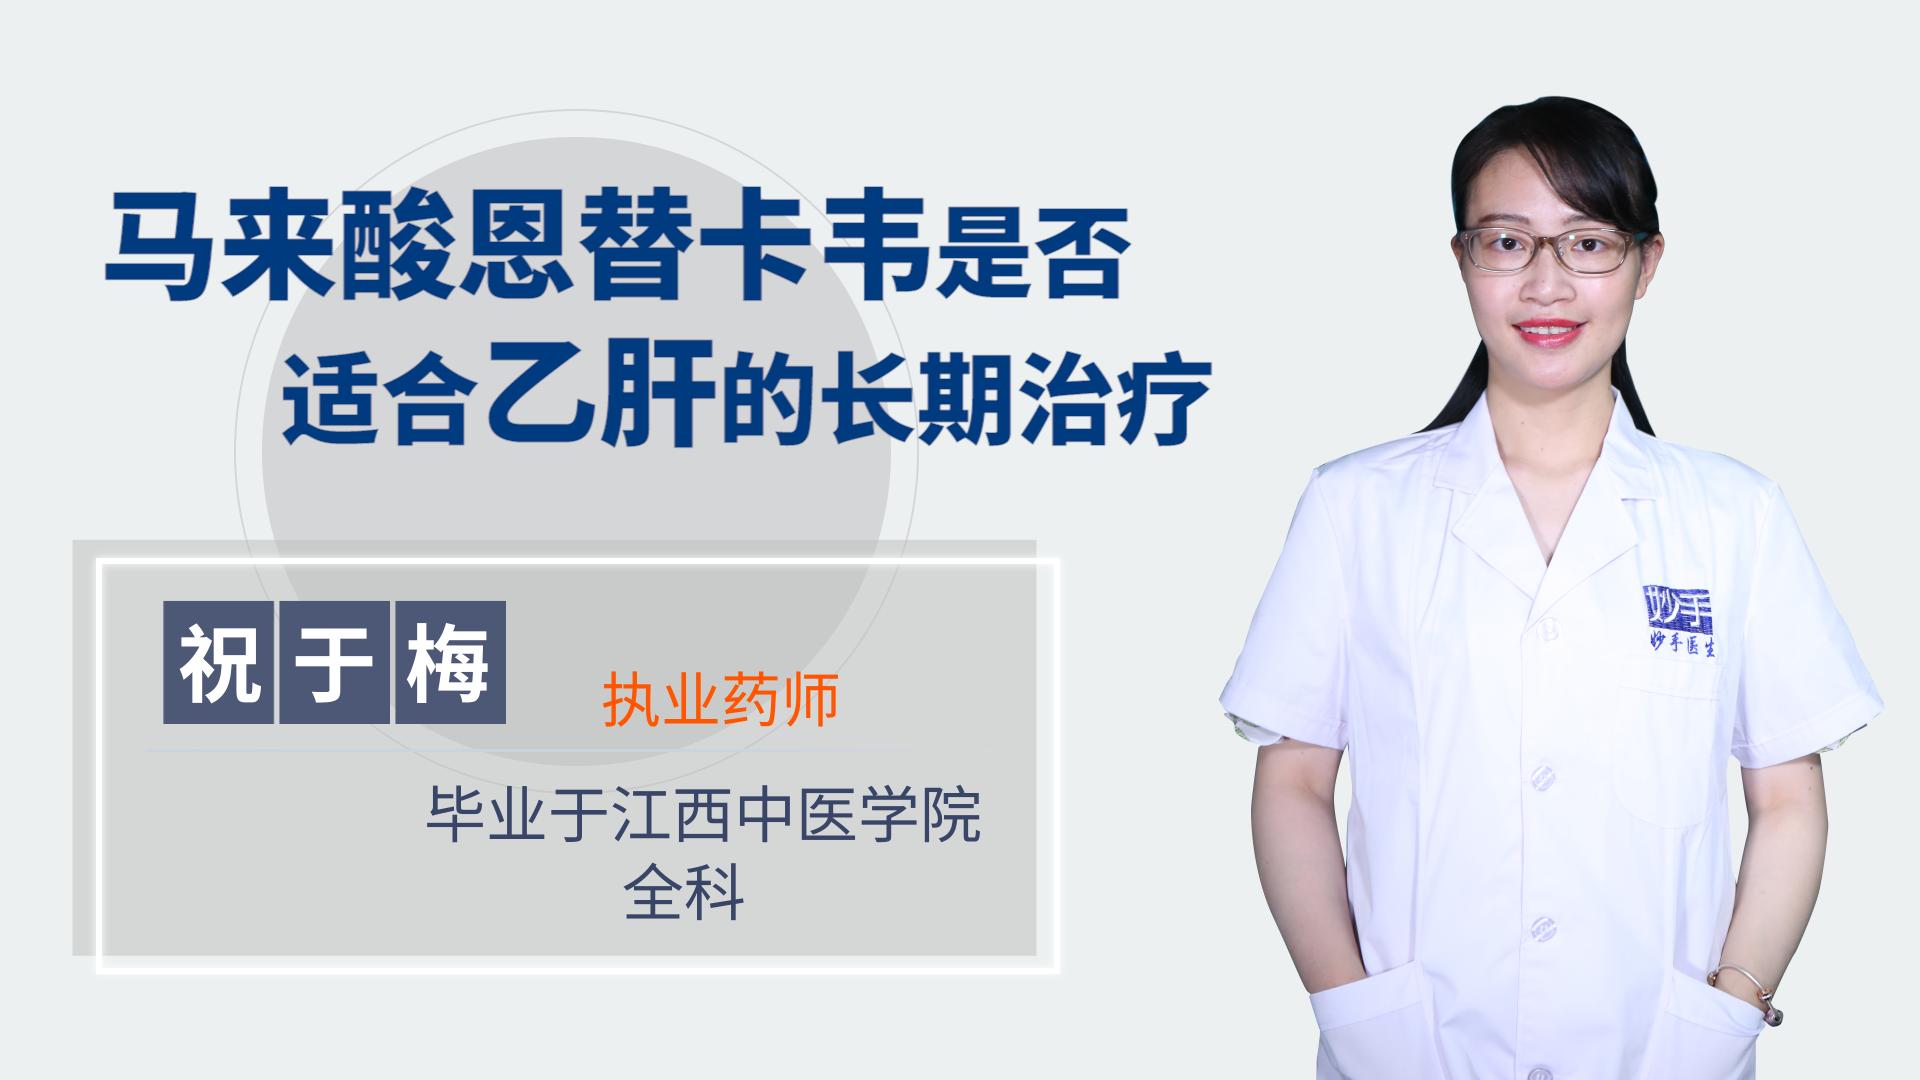 马来酸恩替卡韦是否适合乙肝的长期治疗